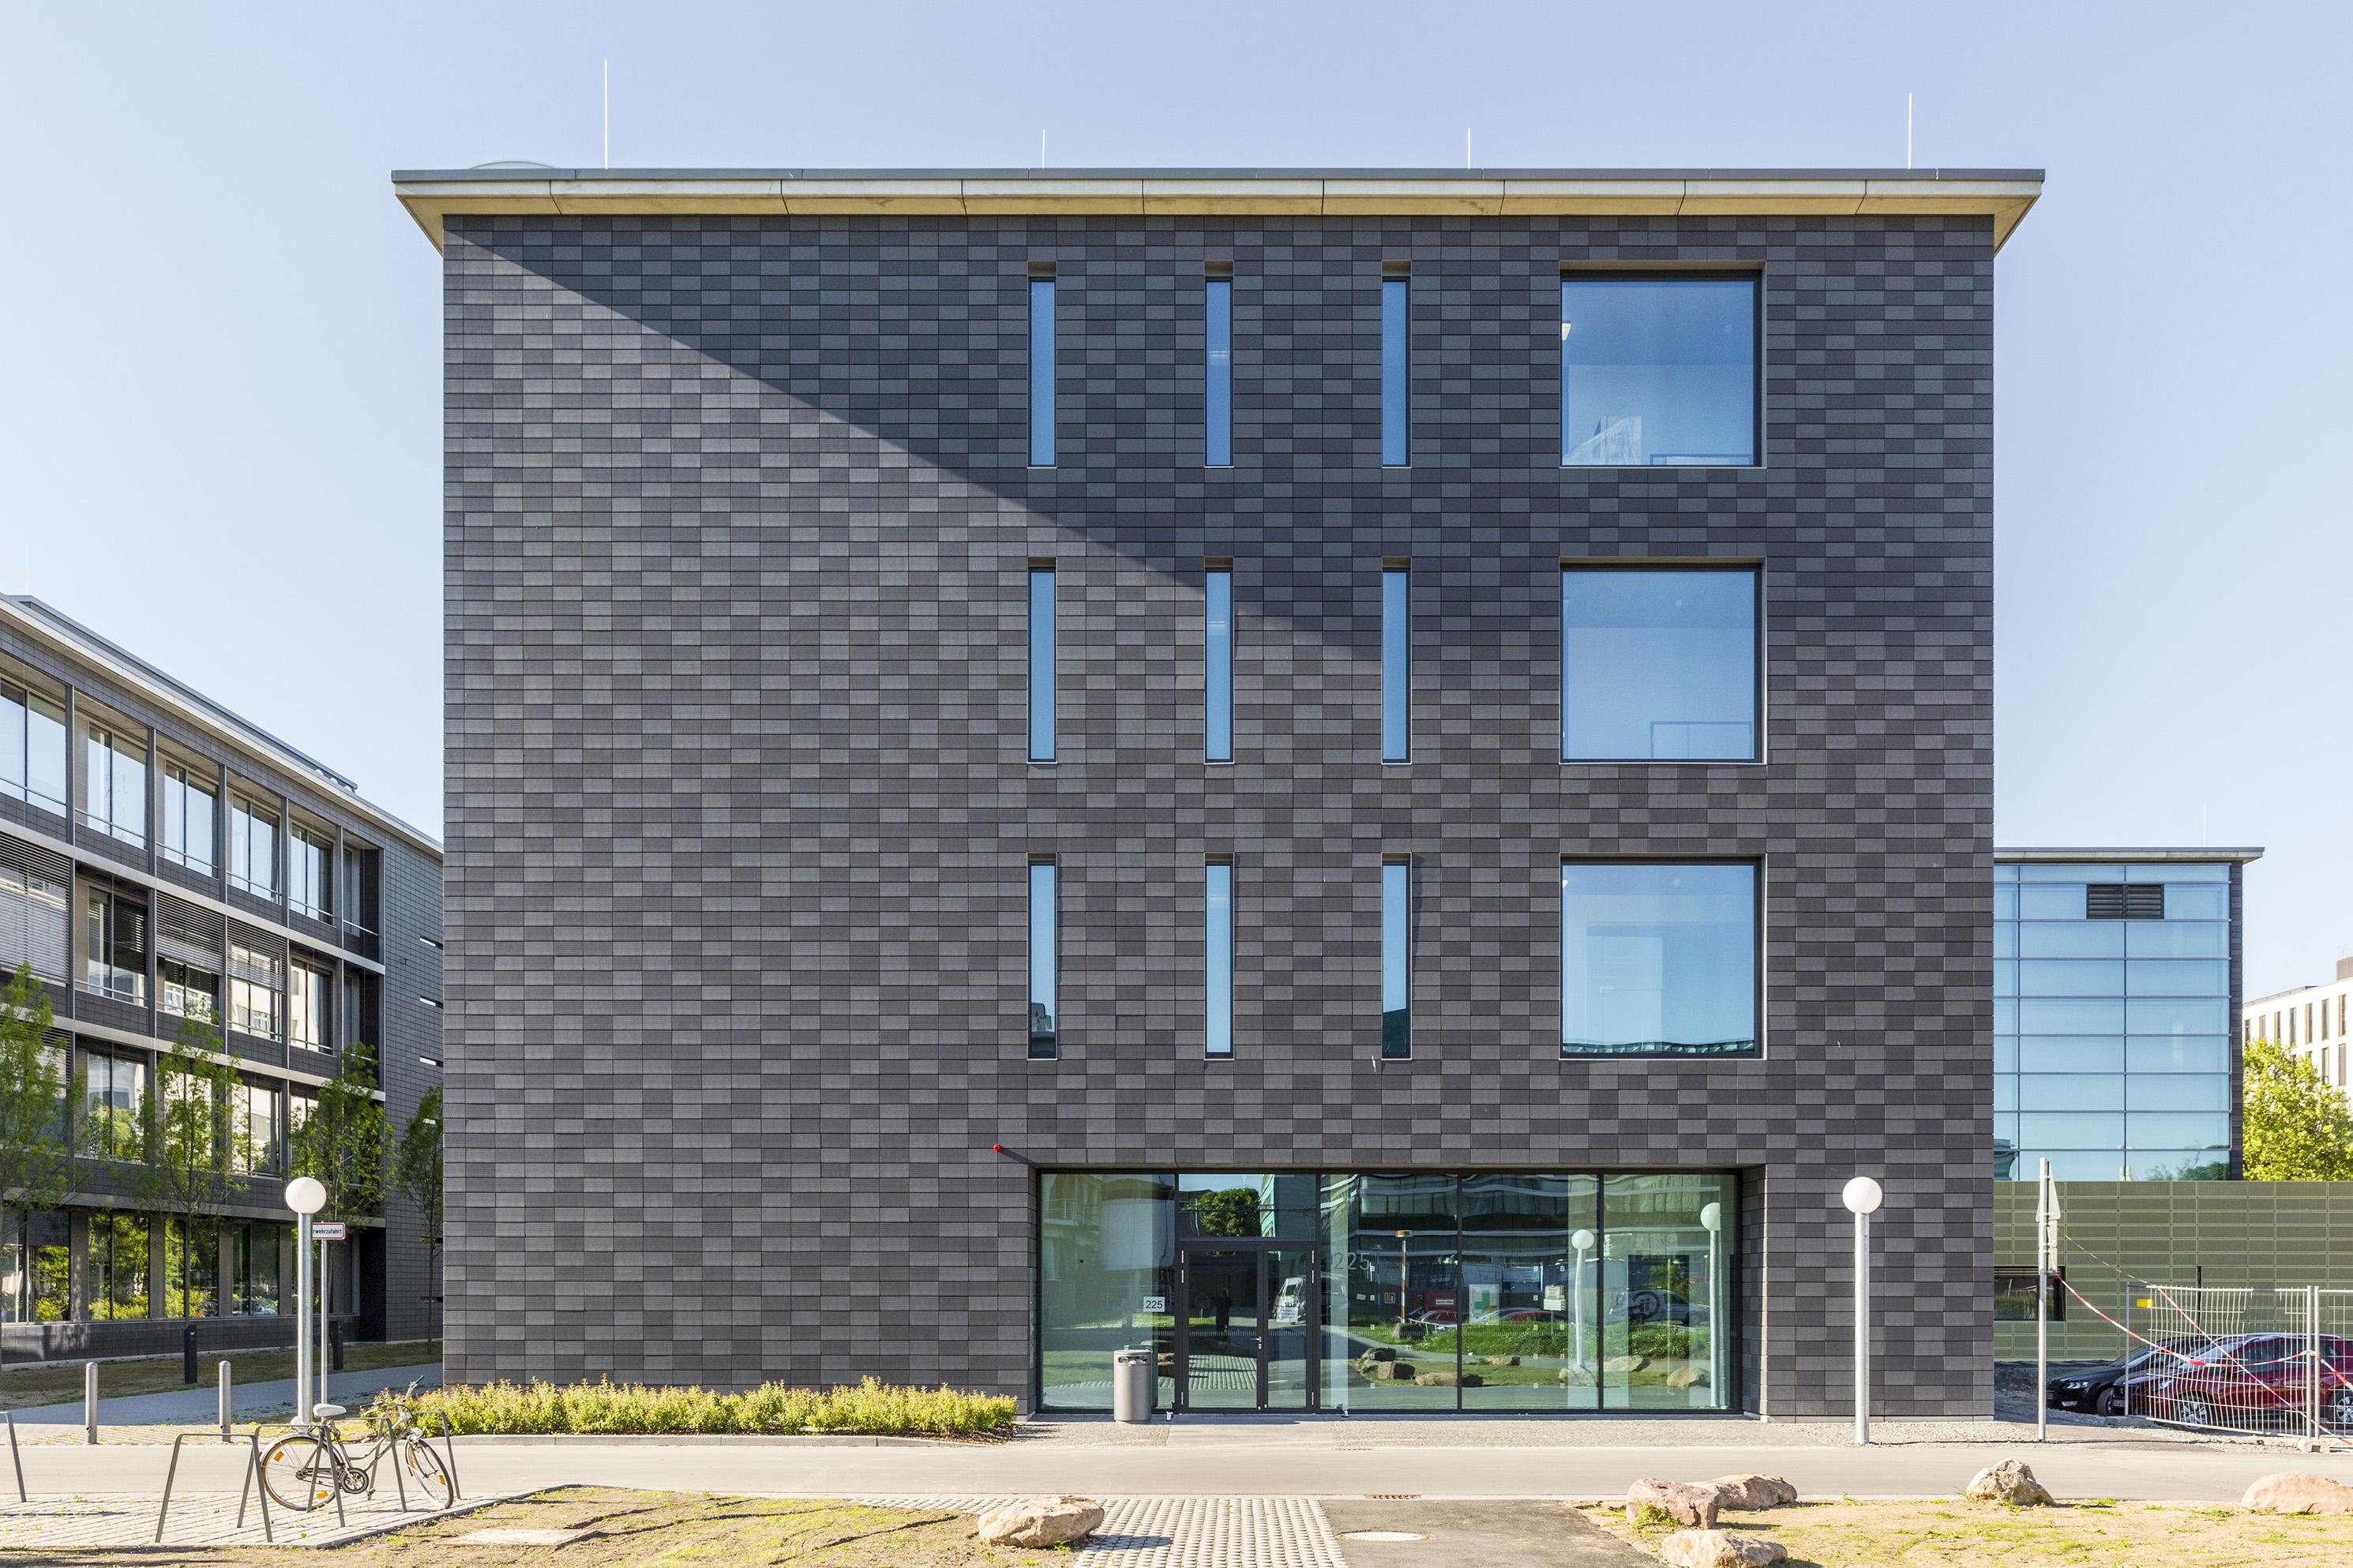 Materialforschung (CAM) Heidelberg 7 - ArGe Architekten